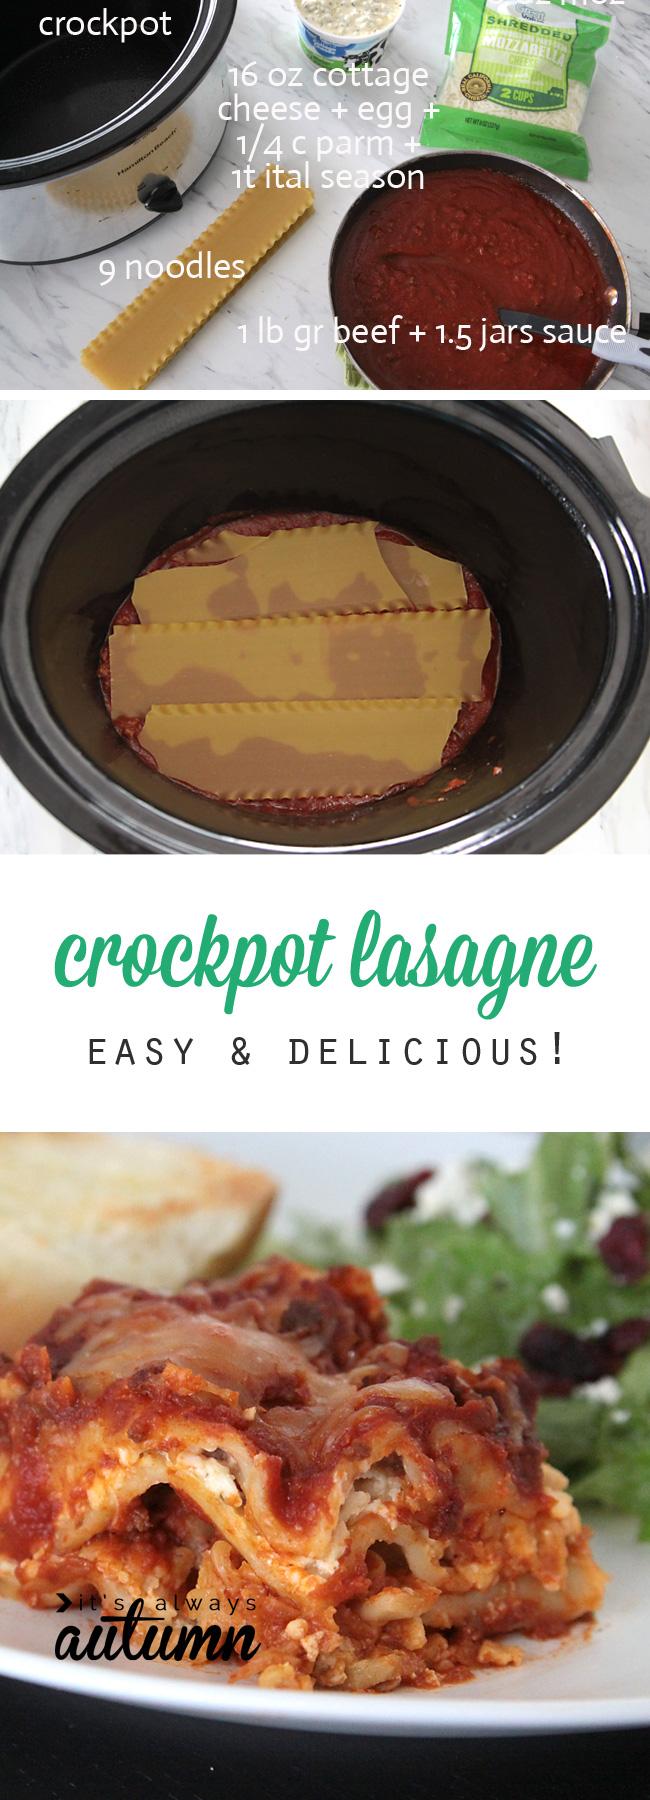 crockpot lasagne recipe